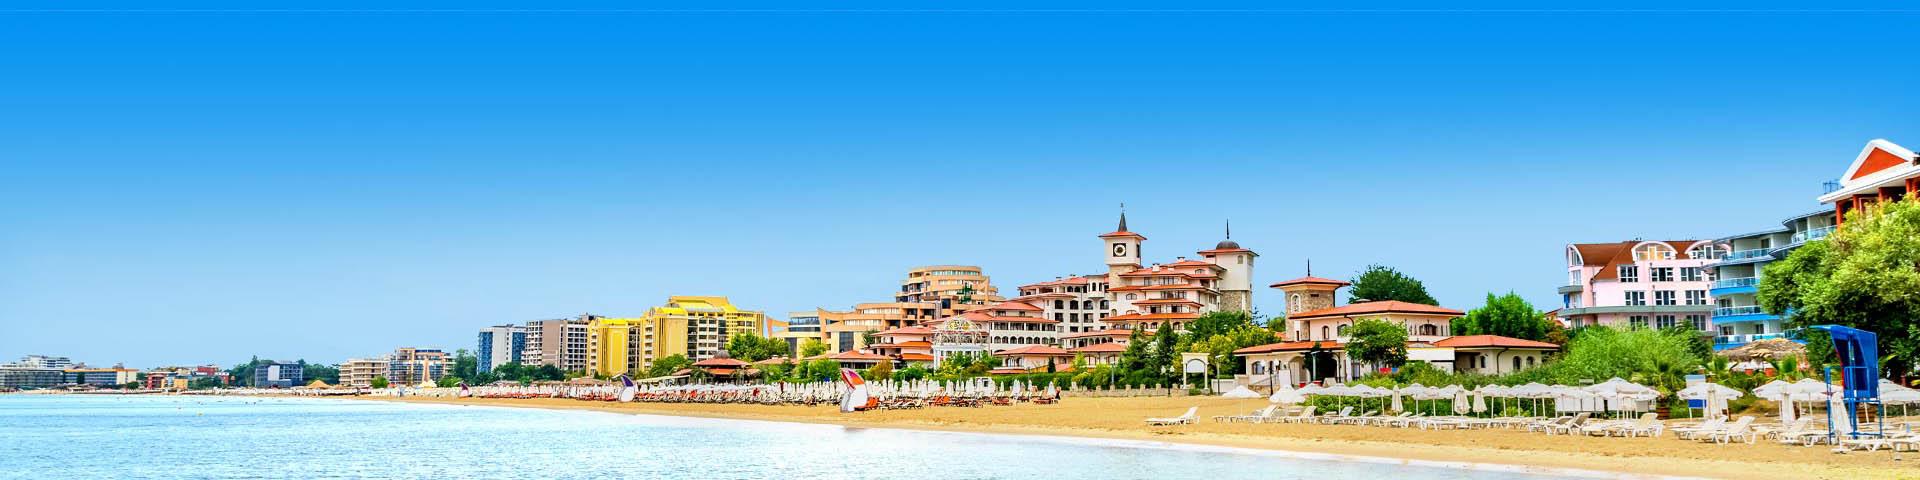 Uitzicht over het strand aan de Zwarte Zeekust met ligbedjes en gebouwen